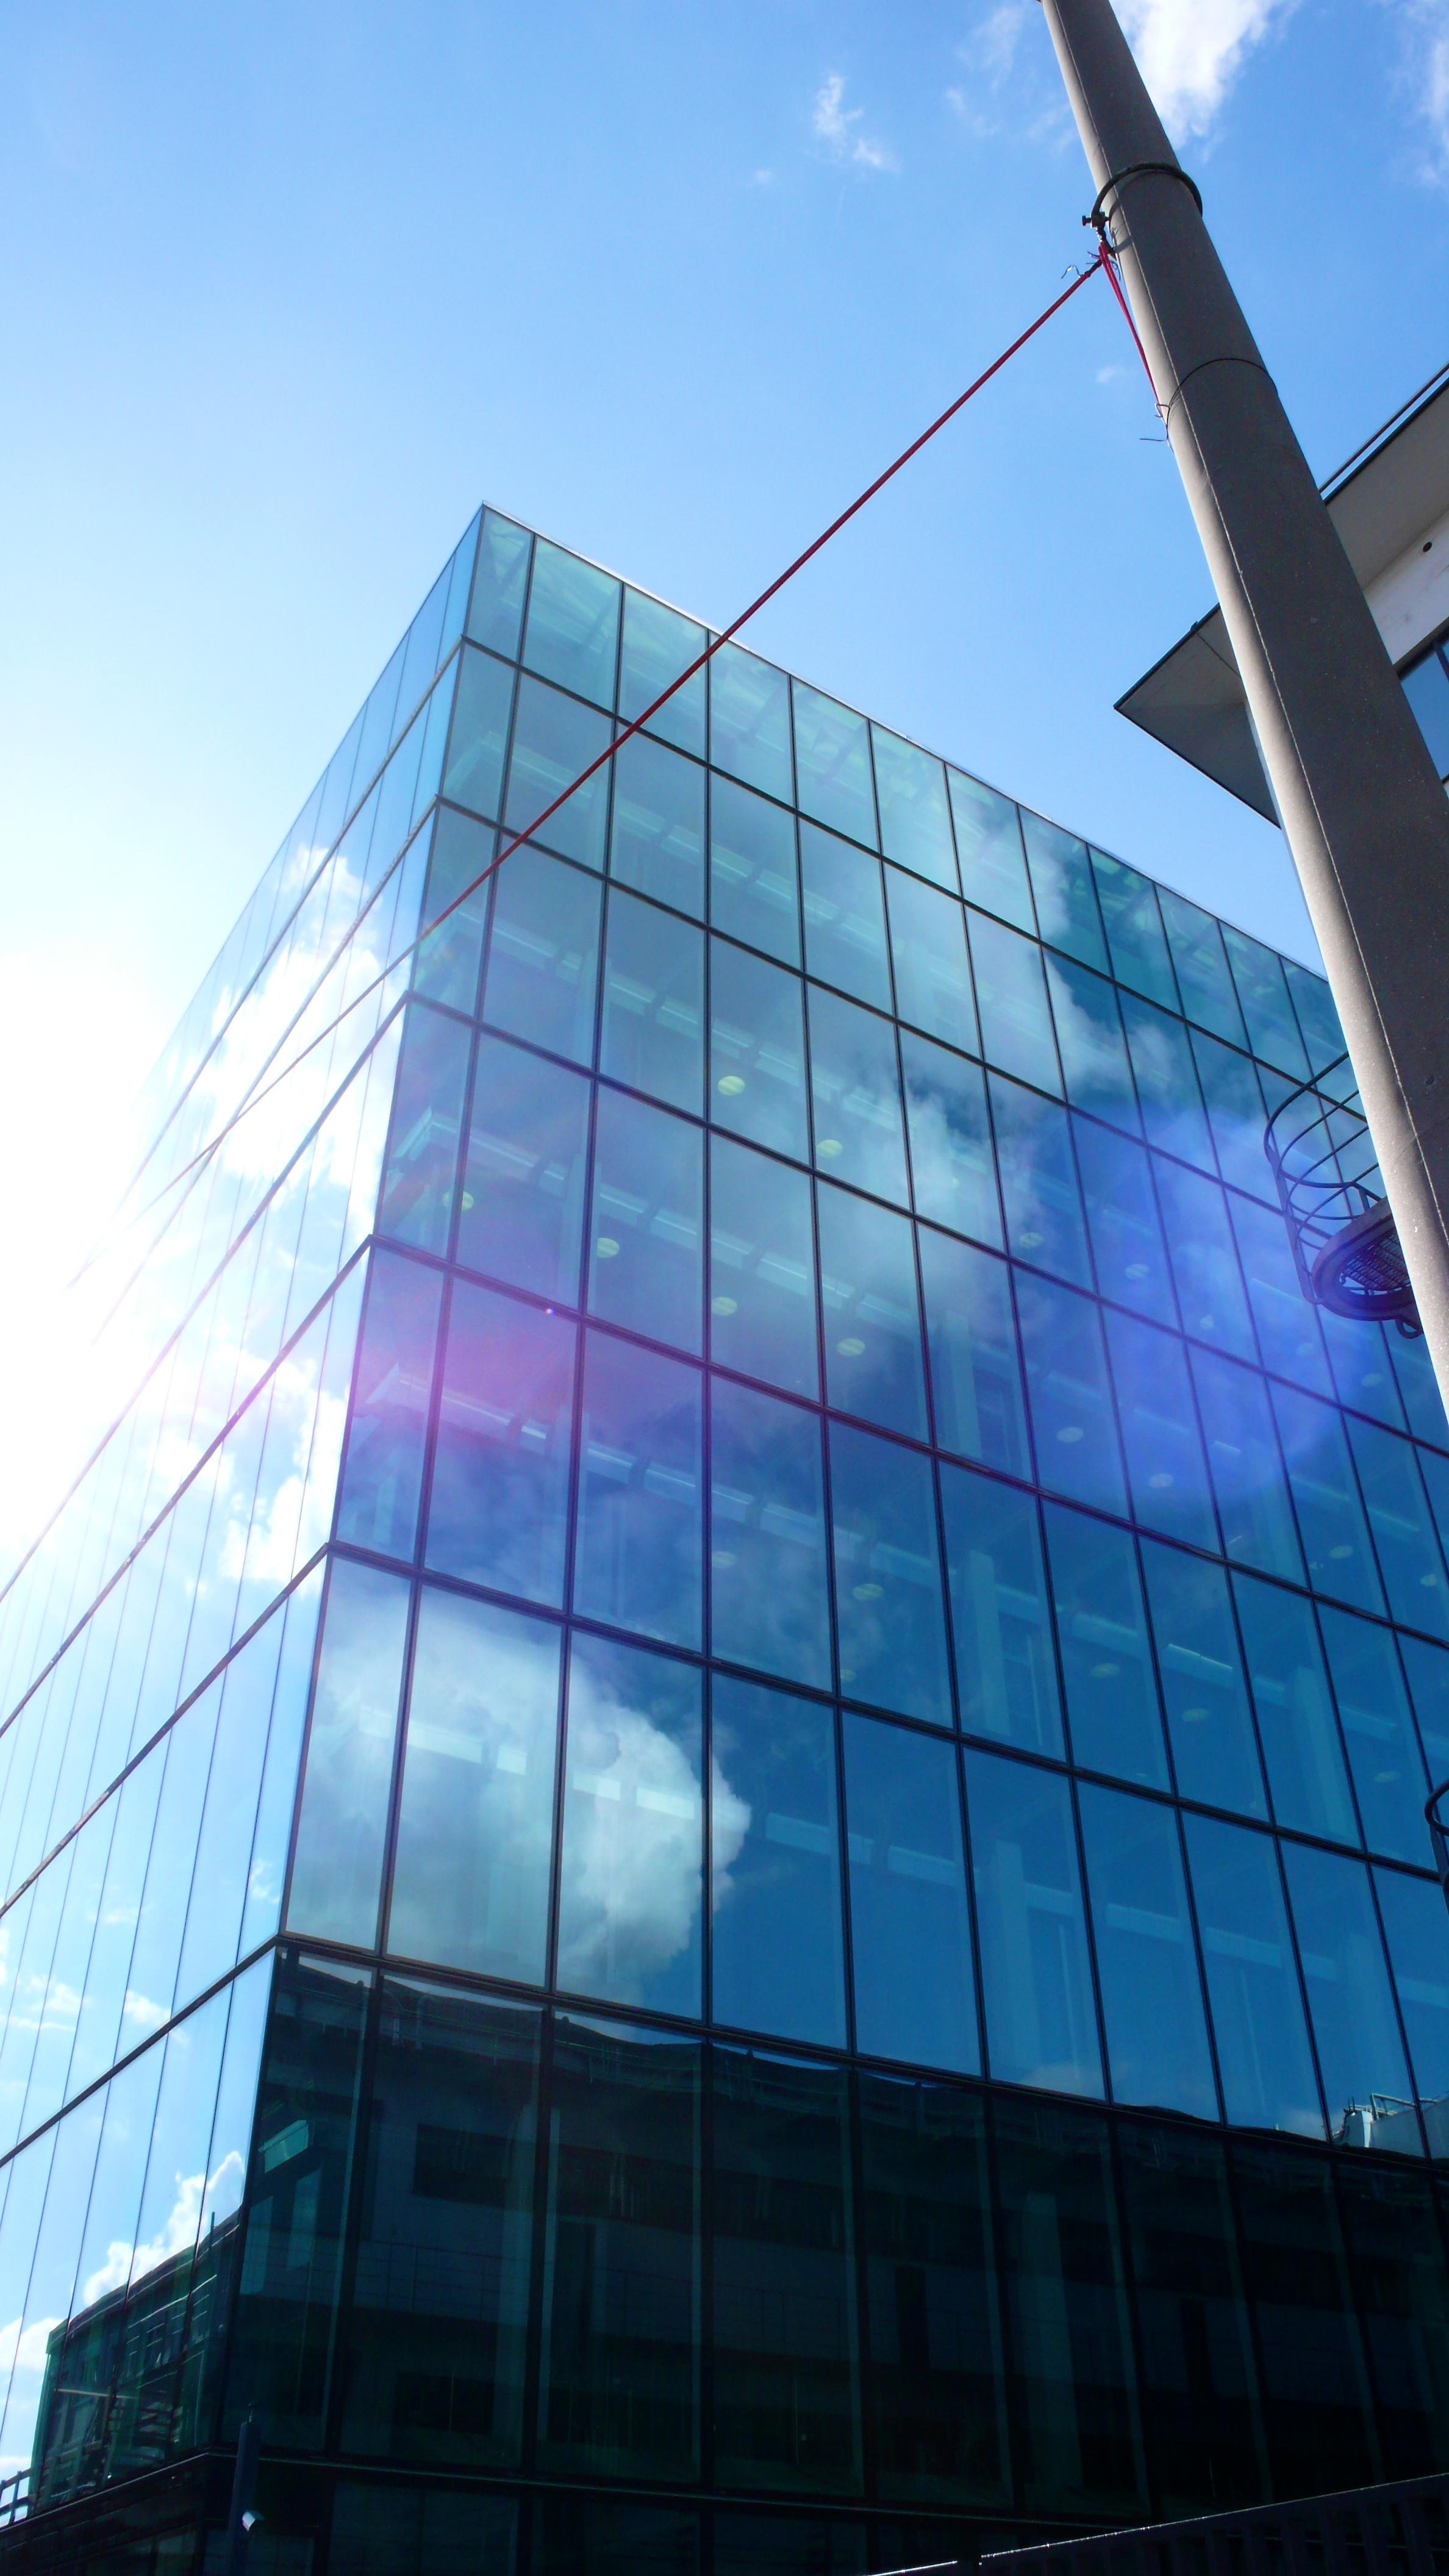 位於瑞、德、法三國交界(Dreiländer)城市---巴賽爾(Basel)的羅氏總。  由於其得天獨厚的環境,吸引德法兩國就業者以及國際企業進駐。上班出國,下班歸國的情況在此極為常見。